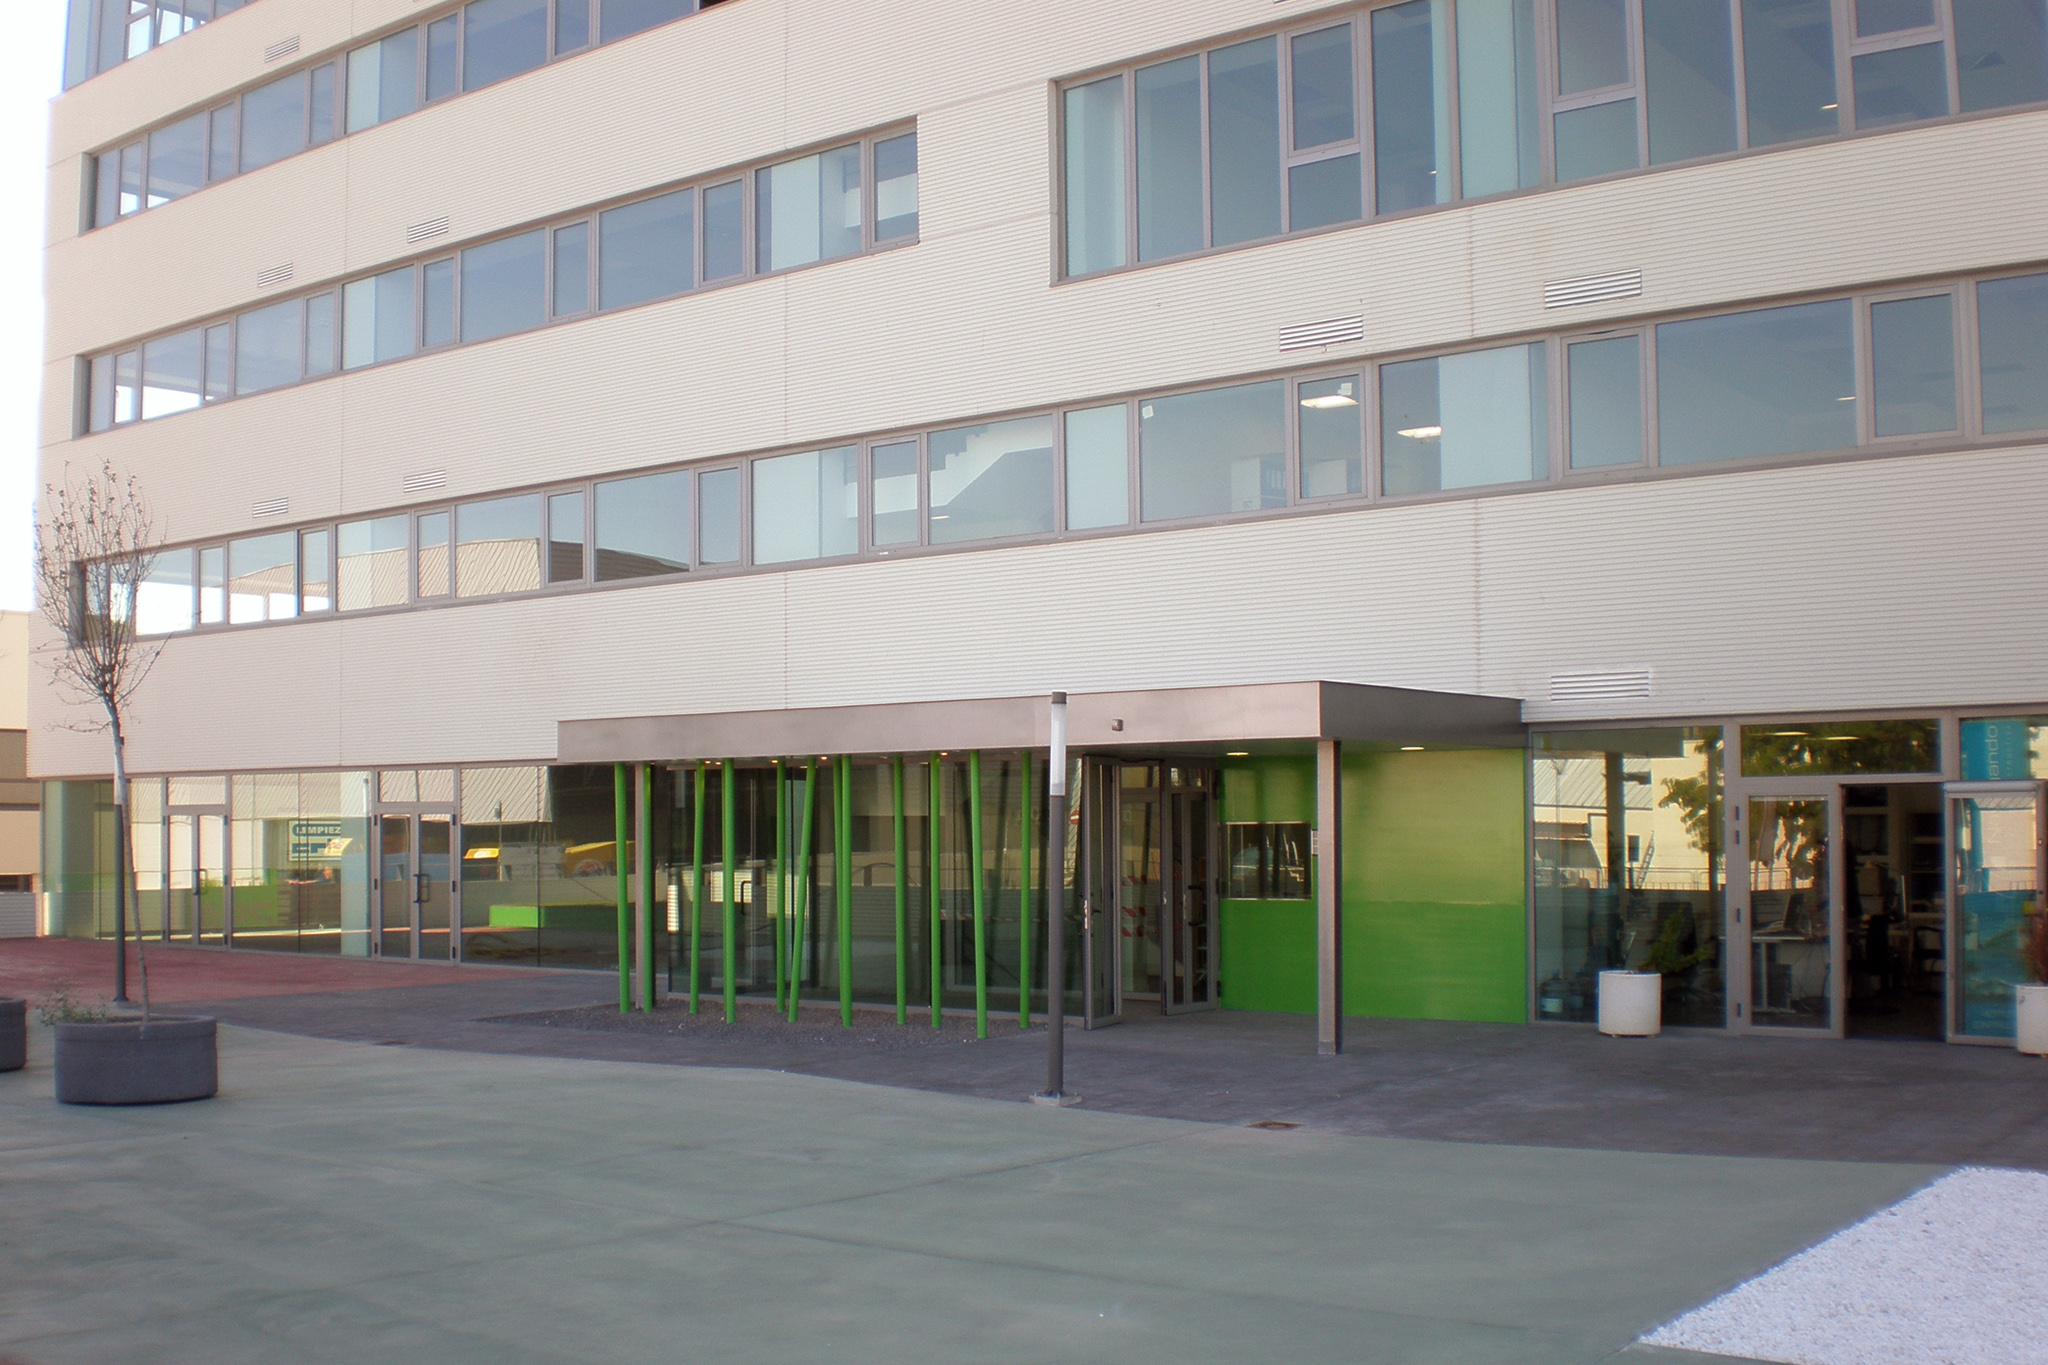 Edificio de oficinas coslada tecnyconta for Edificio oficinas